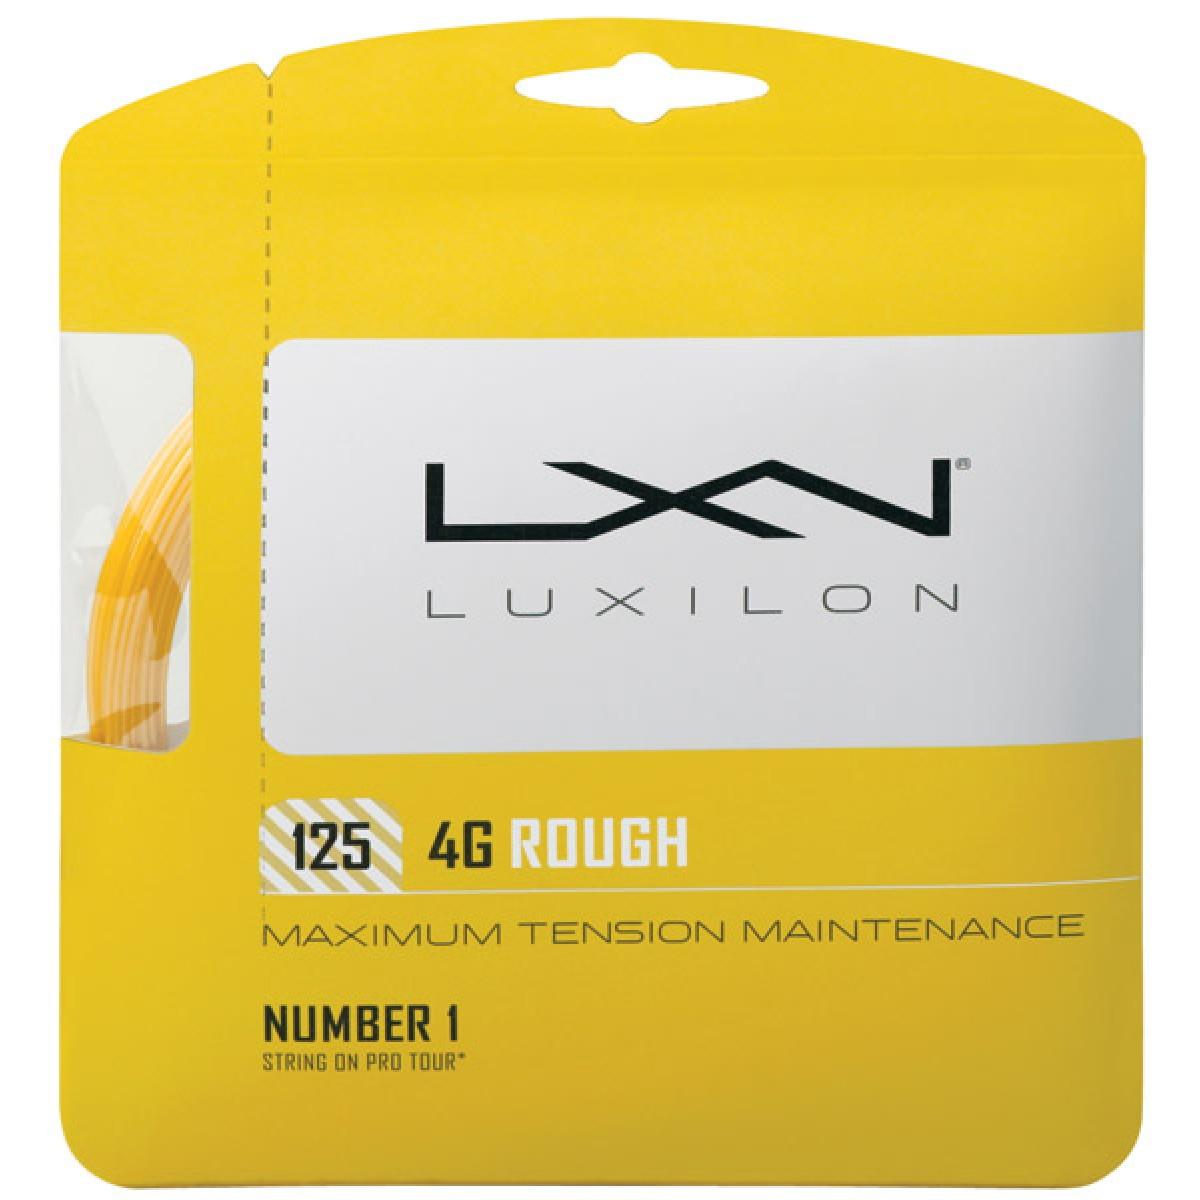 CORDAGE LUXILON 4G ROUGH (12 METRES)